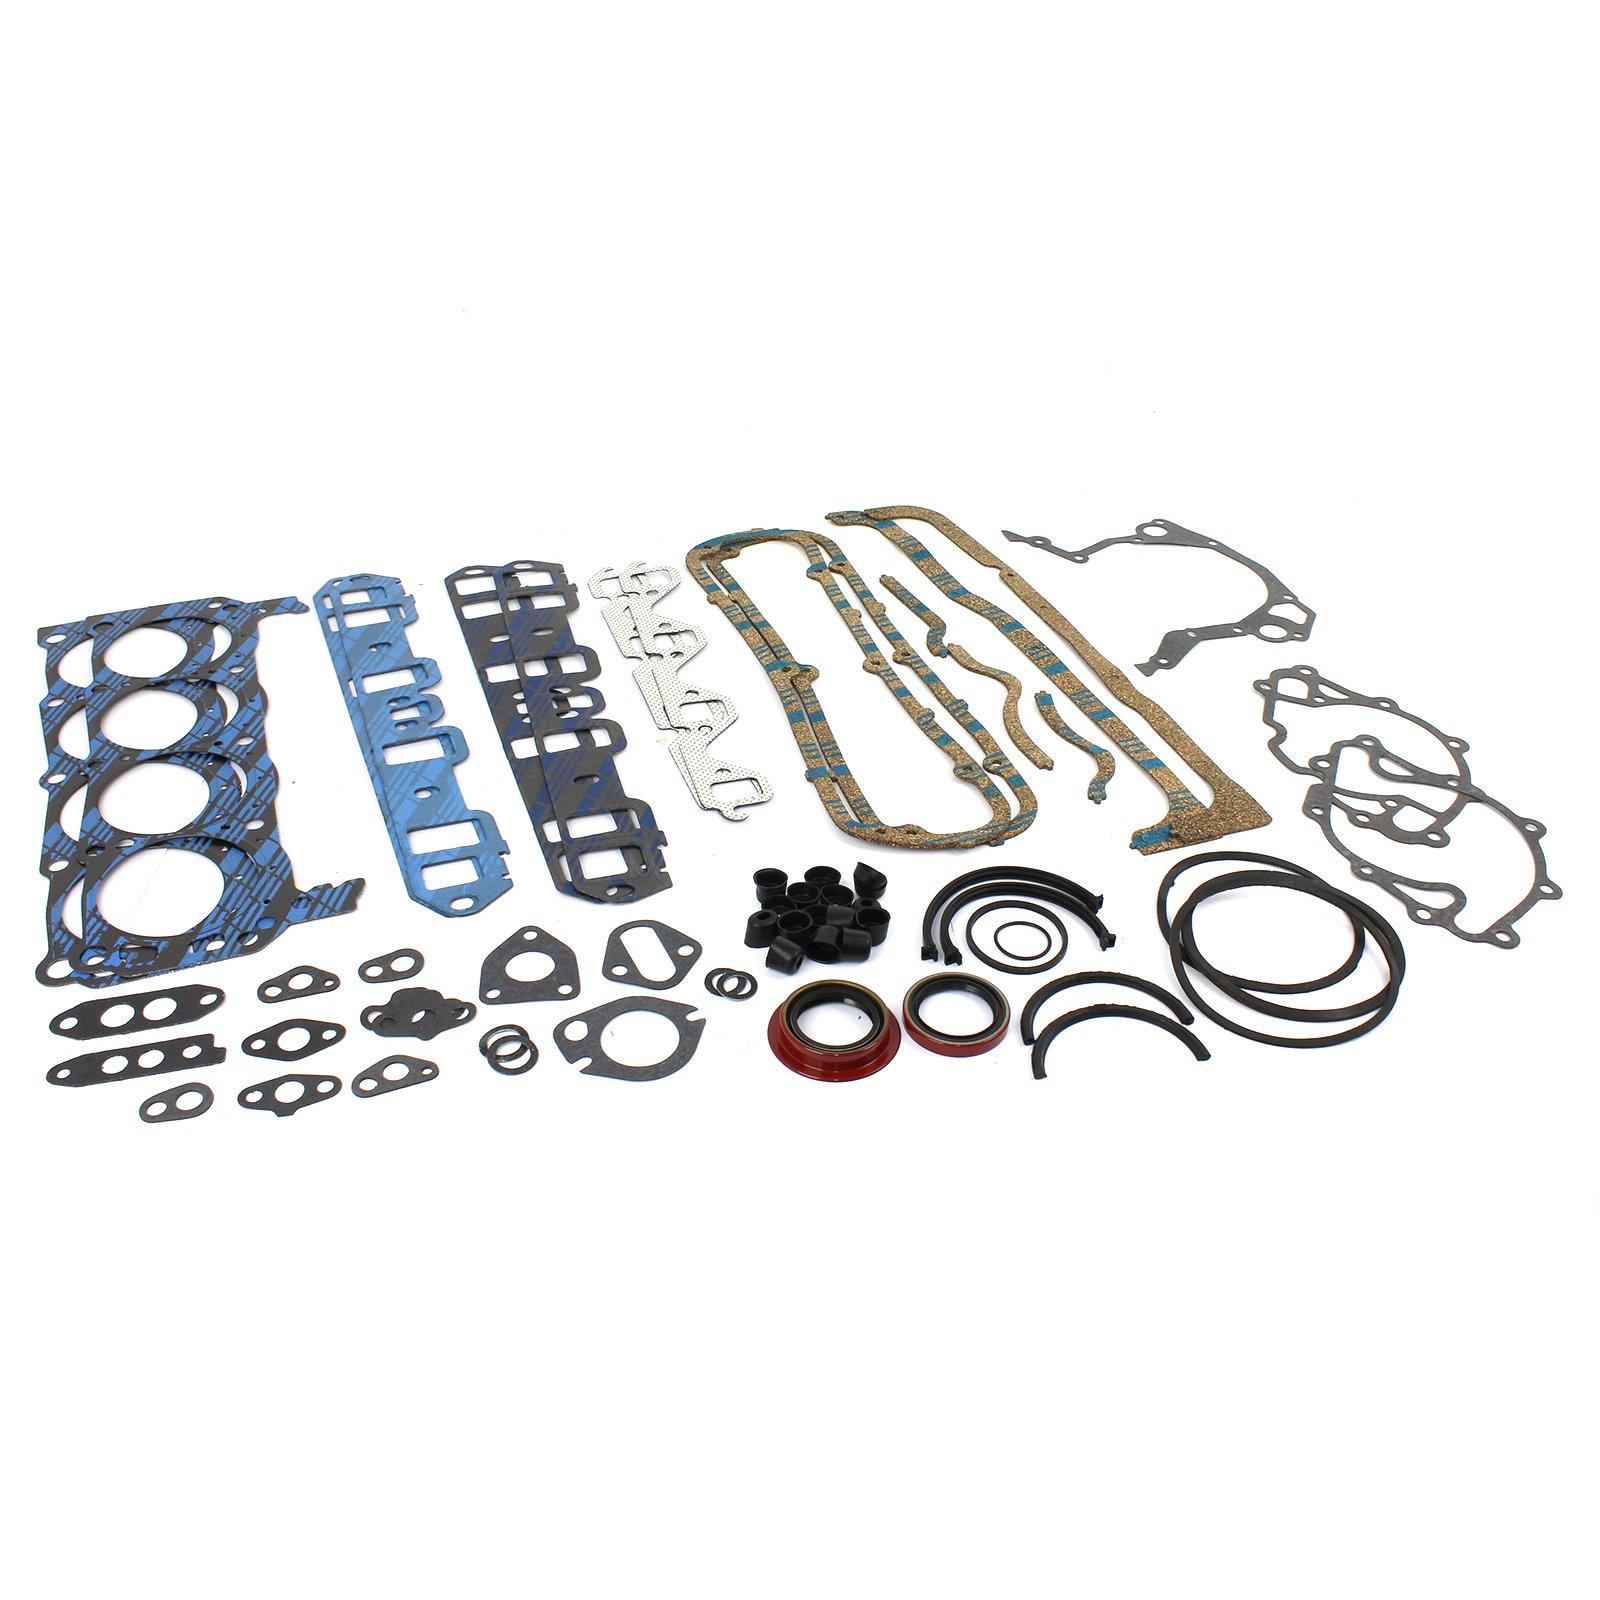 Speedmaster PCE347.1001 Engine Gasket Sets